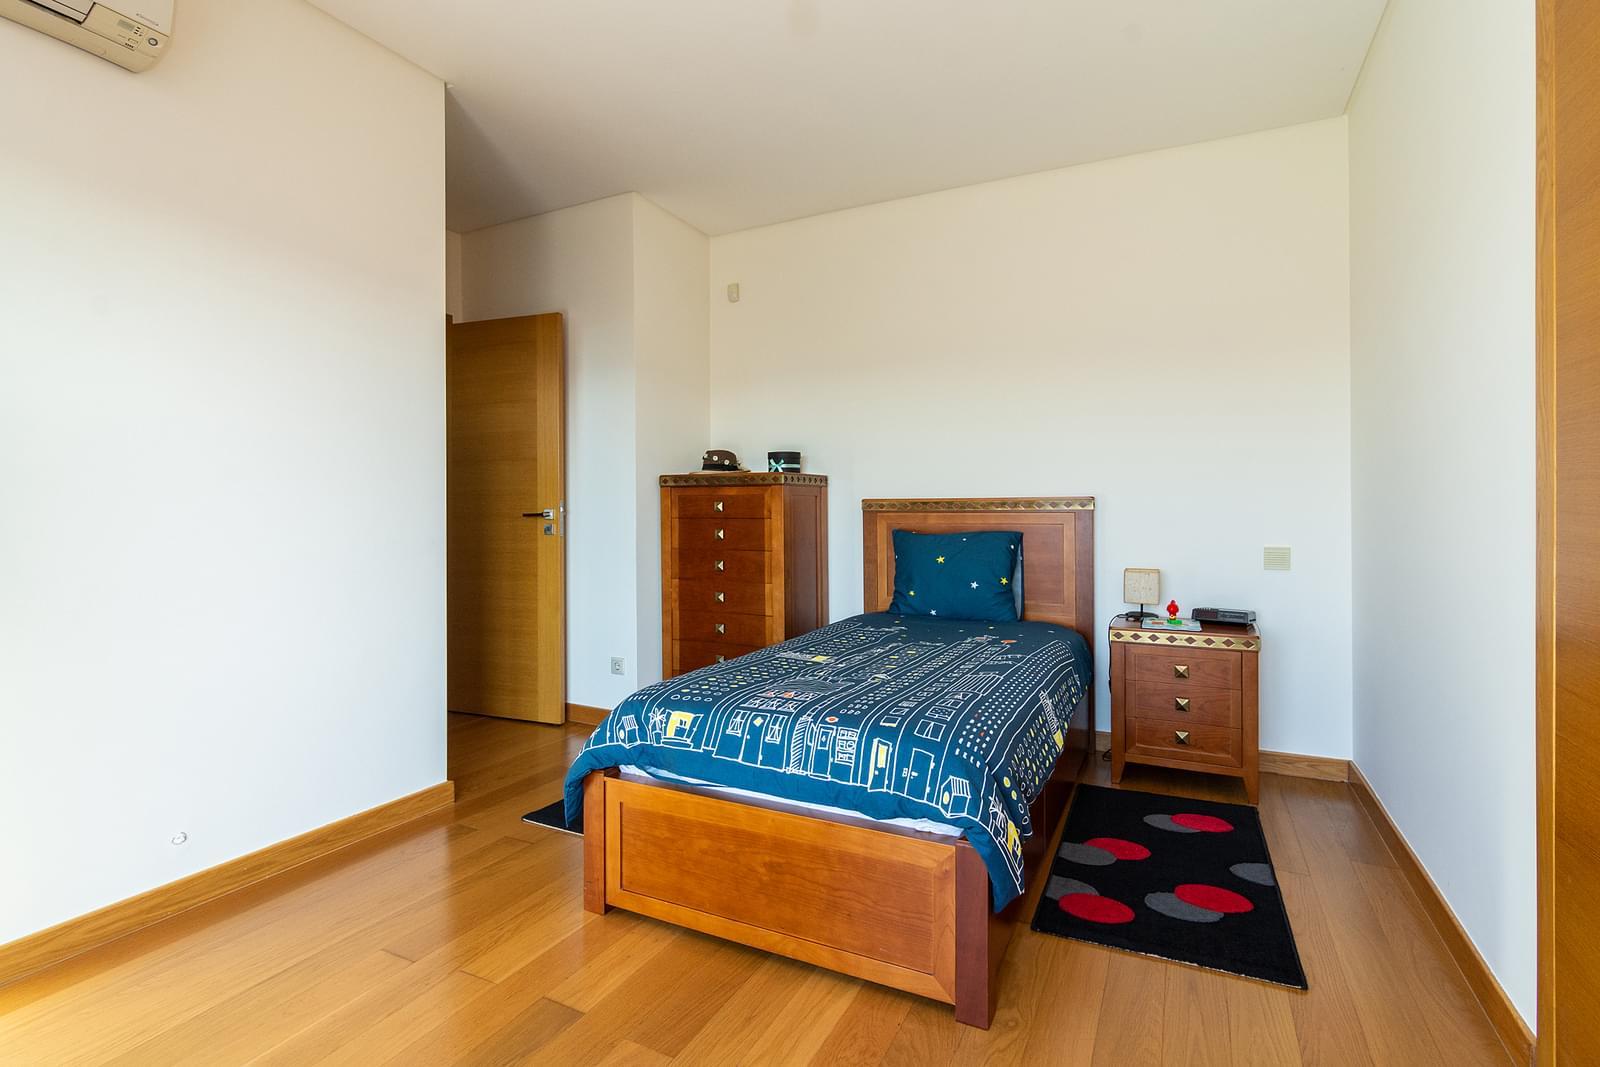 pf14588-apartamento-t5-lisboa-22fb5cdd-3975-4e0c-b55a-68013a7d7467